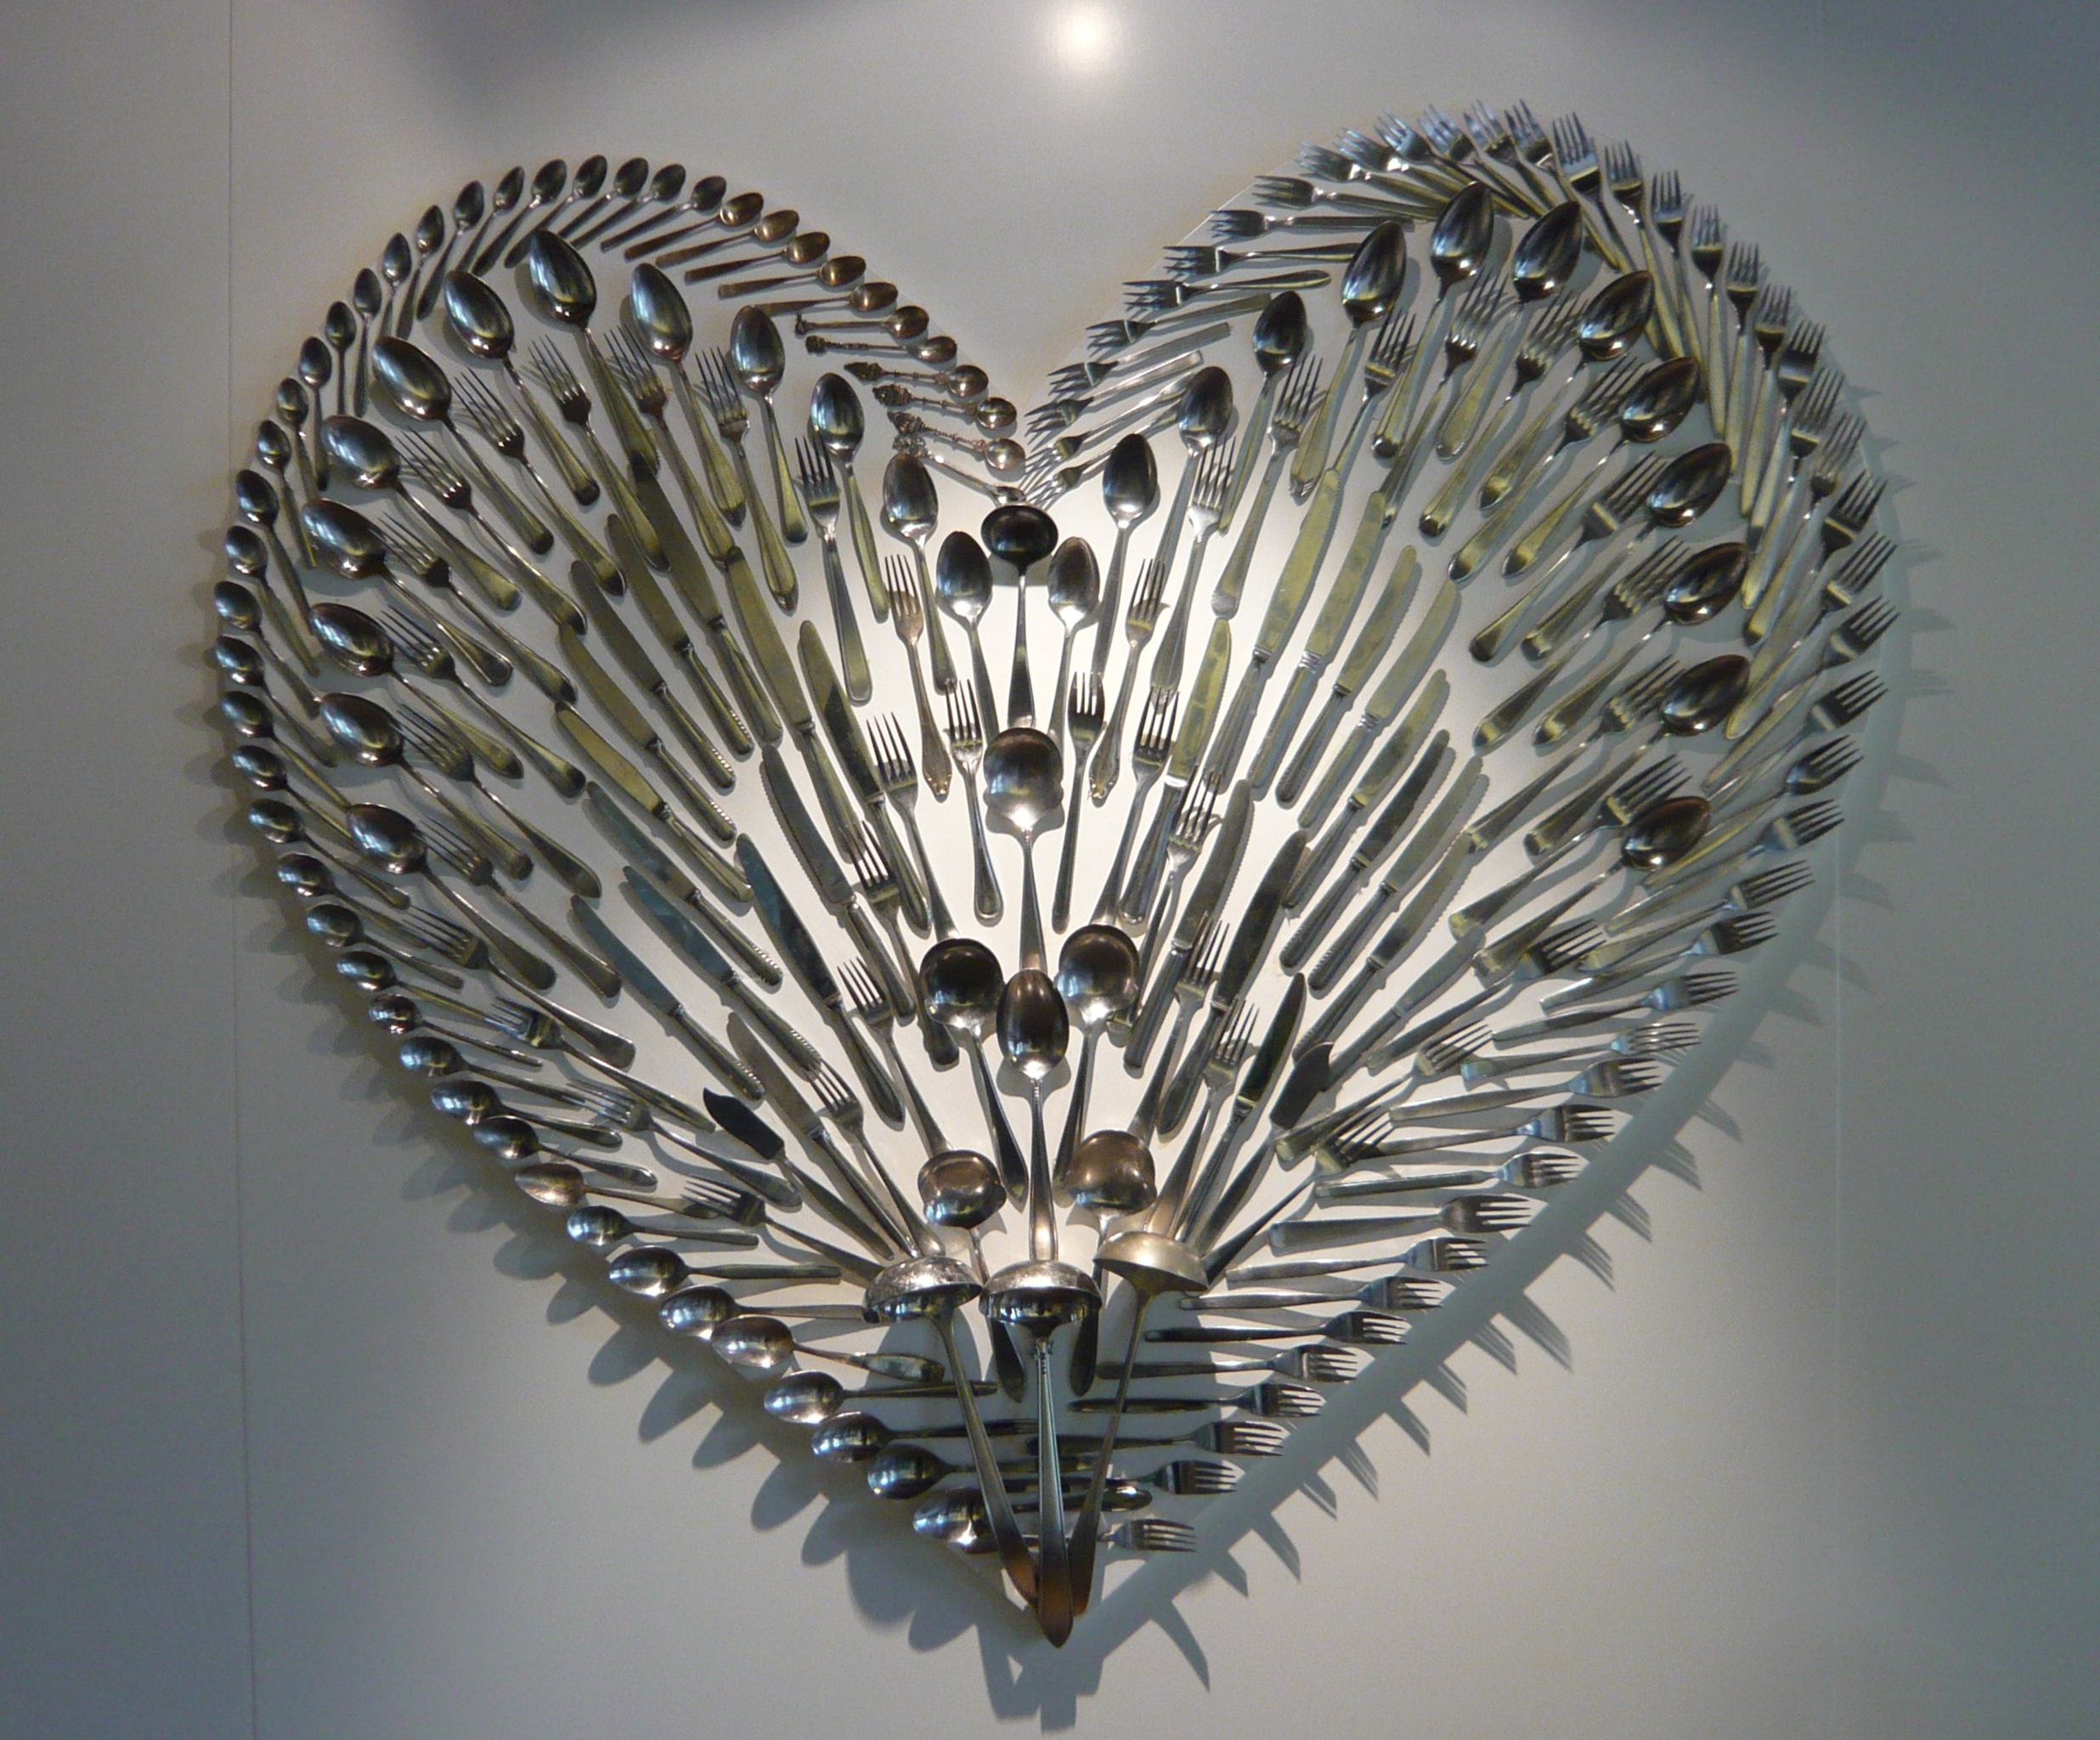 Cutlery_in_the_shape_of_a_heart_-_Zuiderzeemuseum_Enkhuizen.jpg